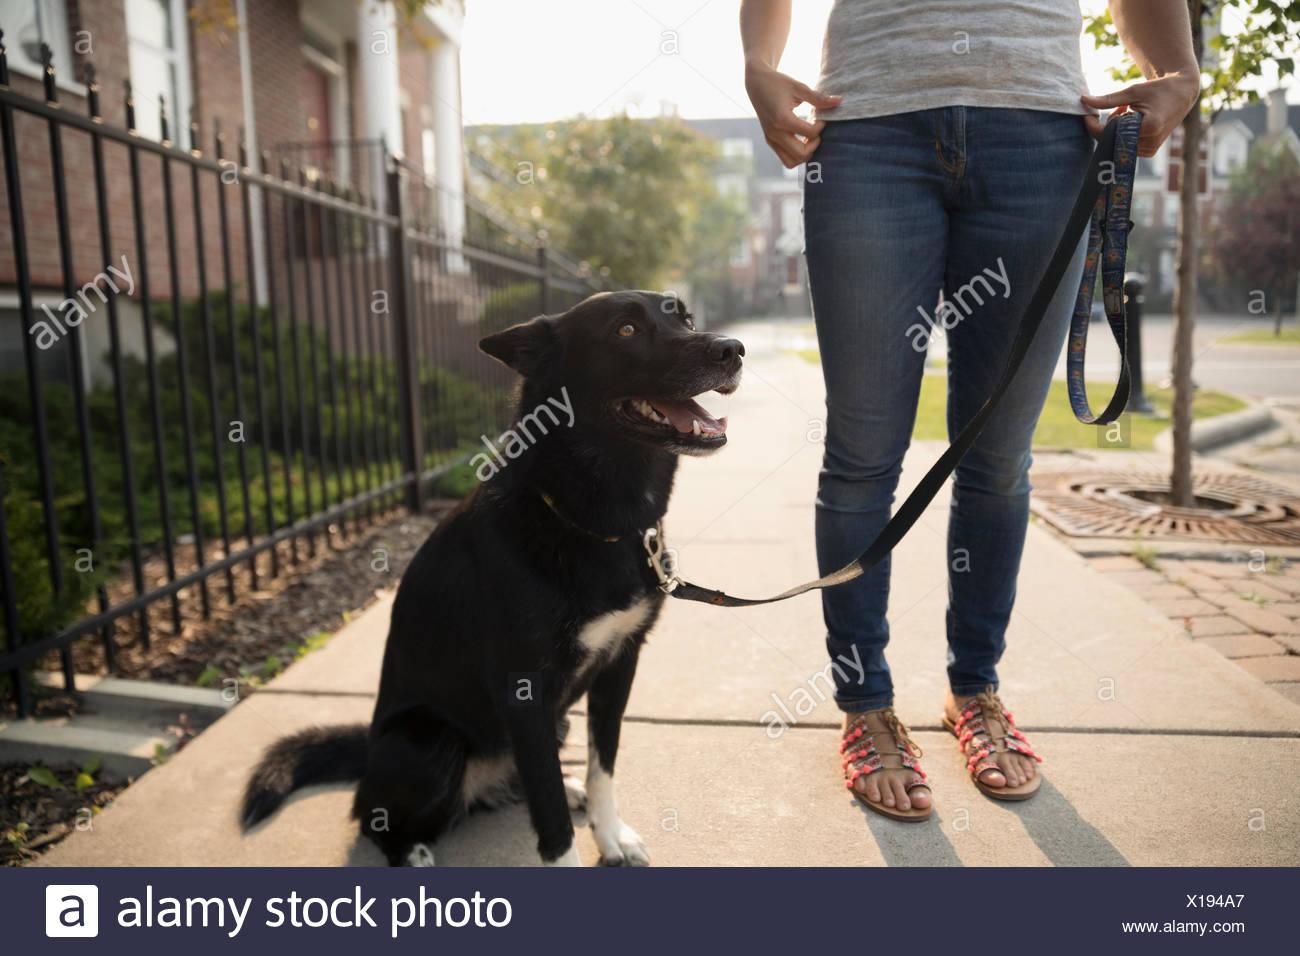 Frau mit Hund an der Leine auf Bürgersteig Stockbild